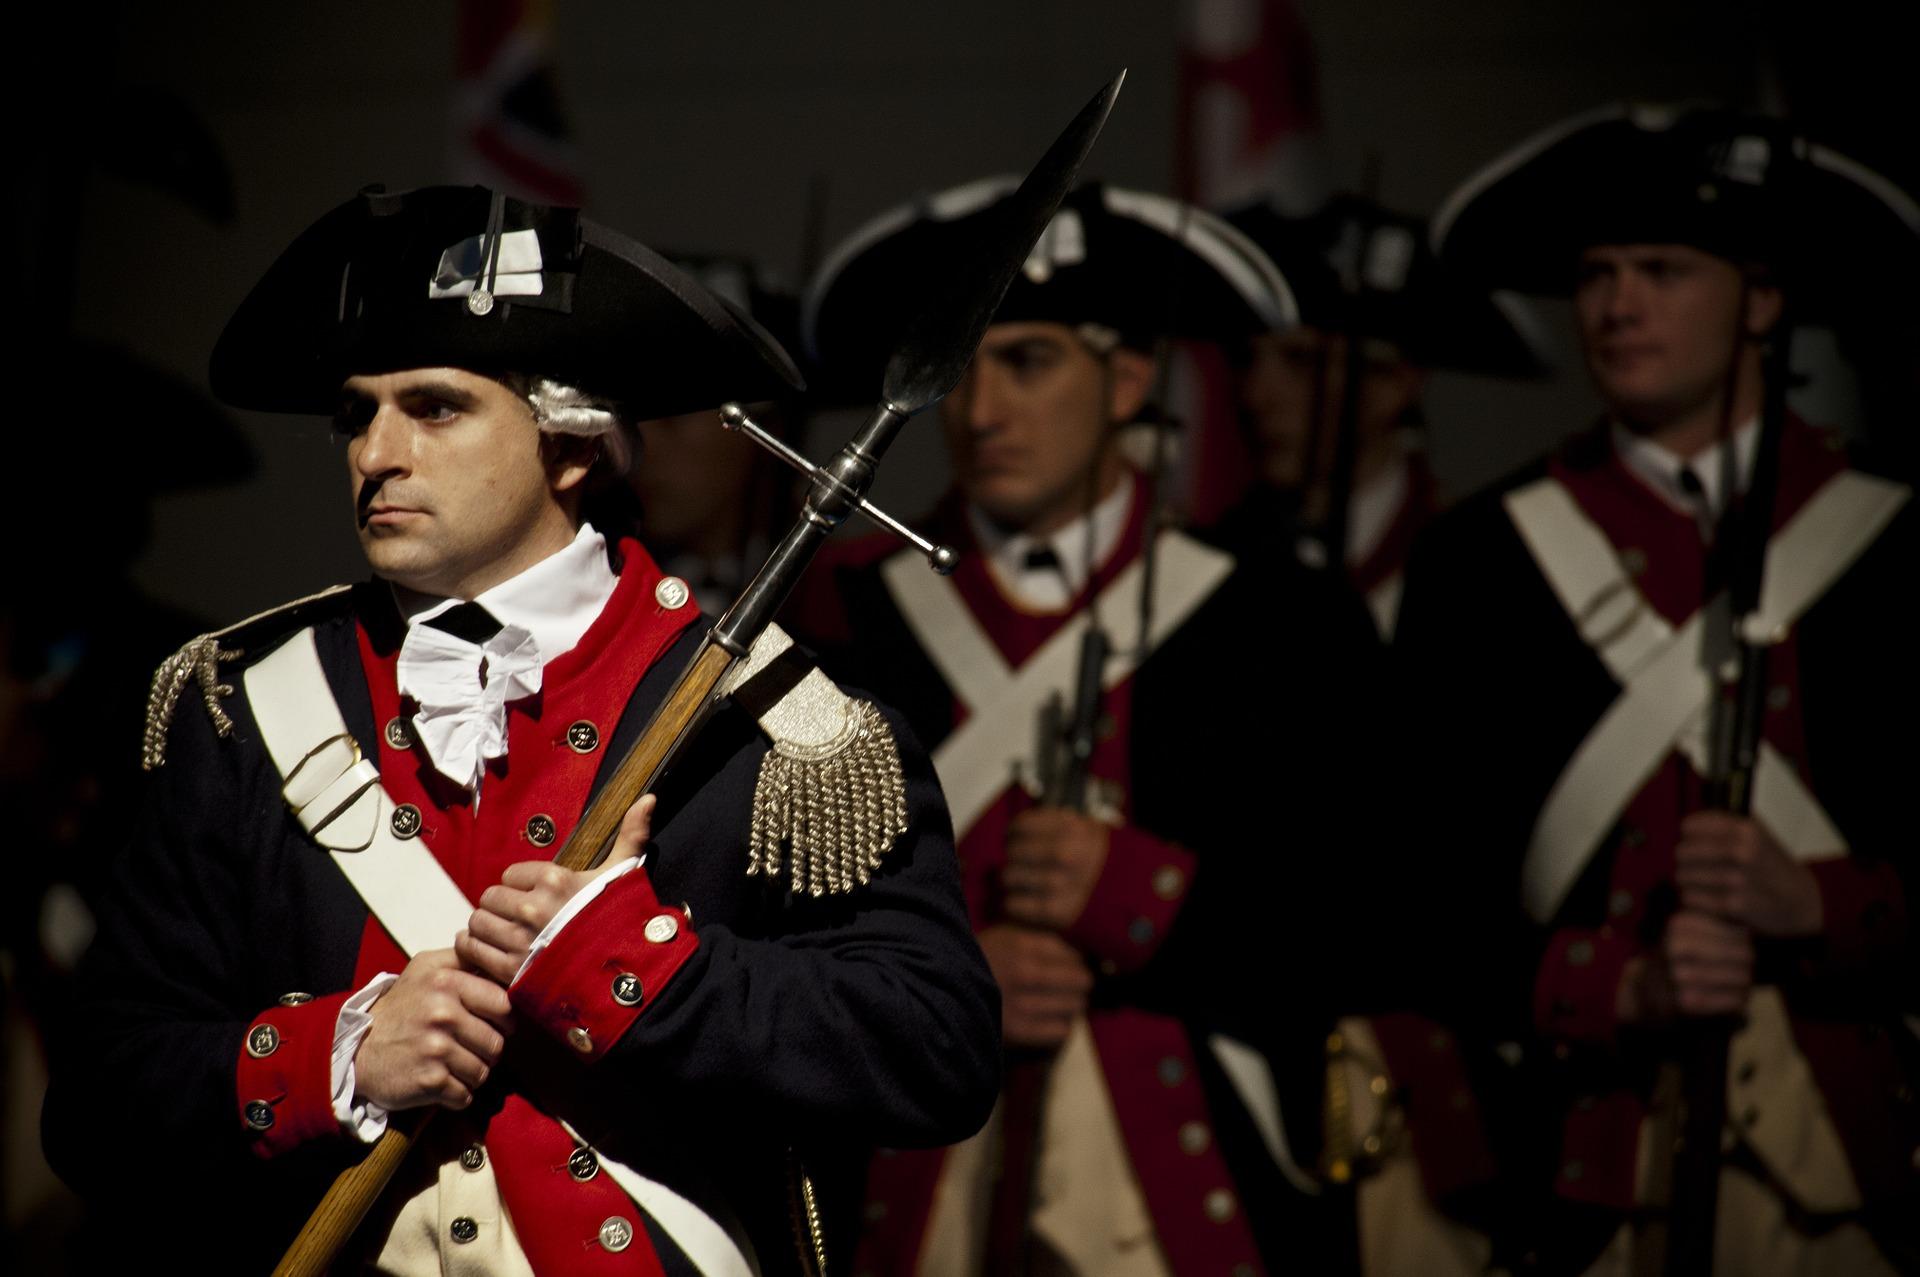 Revolutionary War Battles of New York City